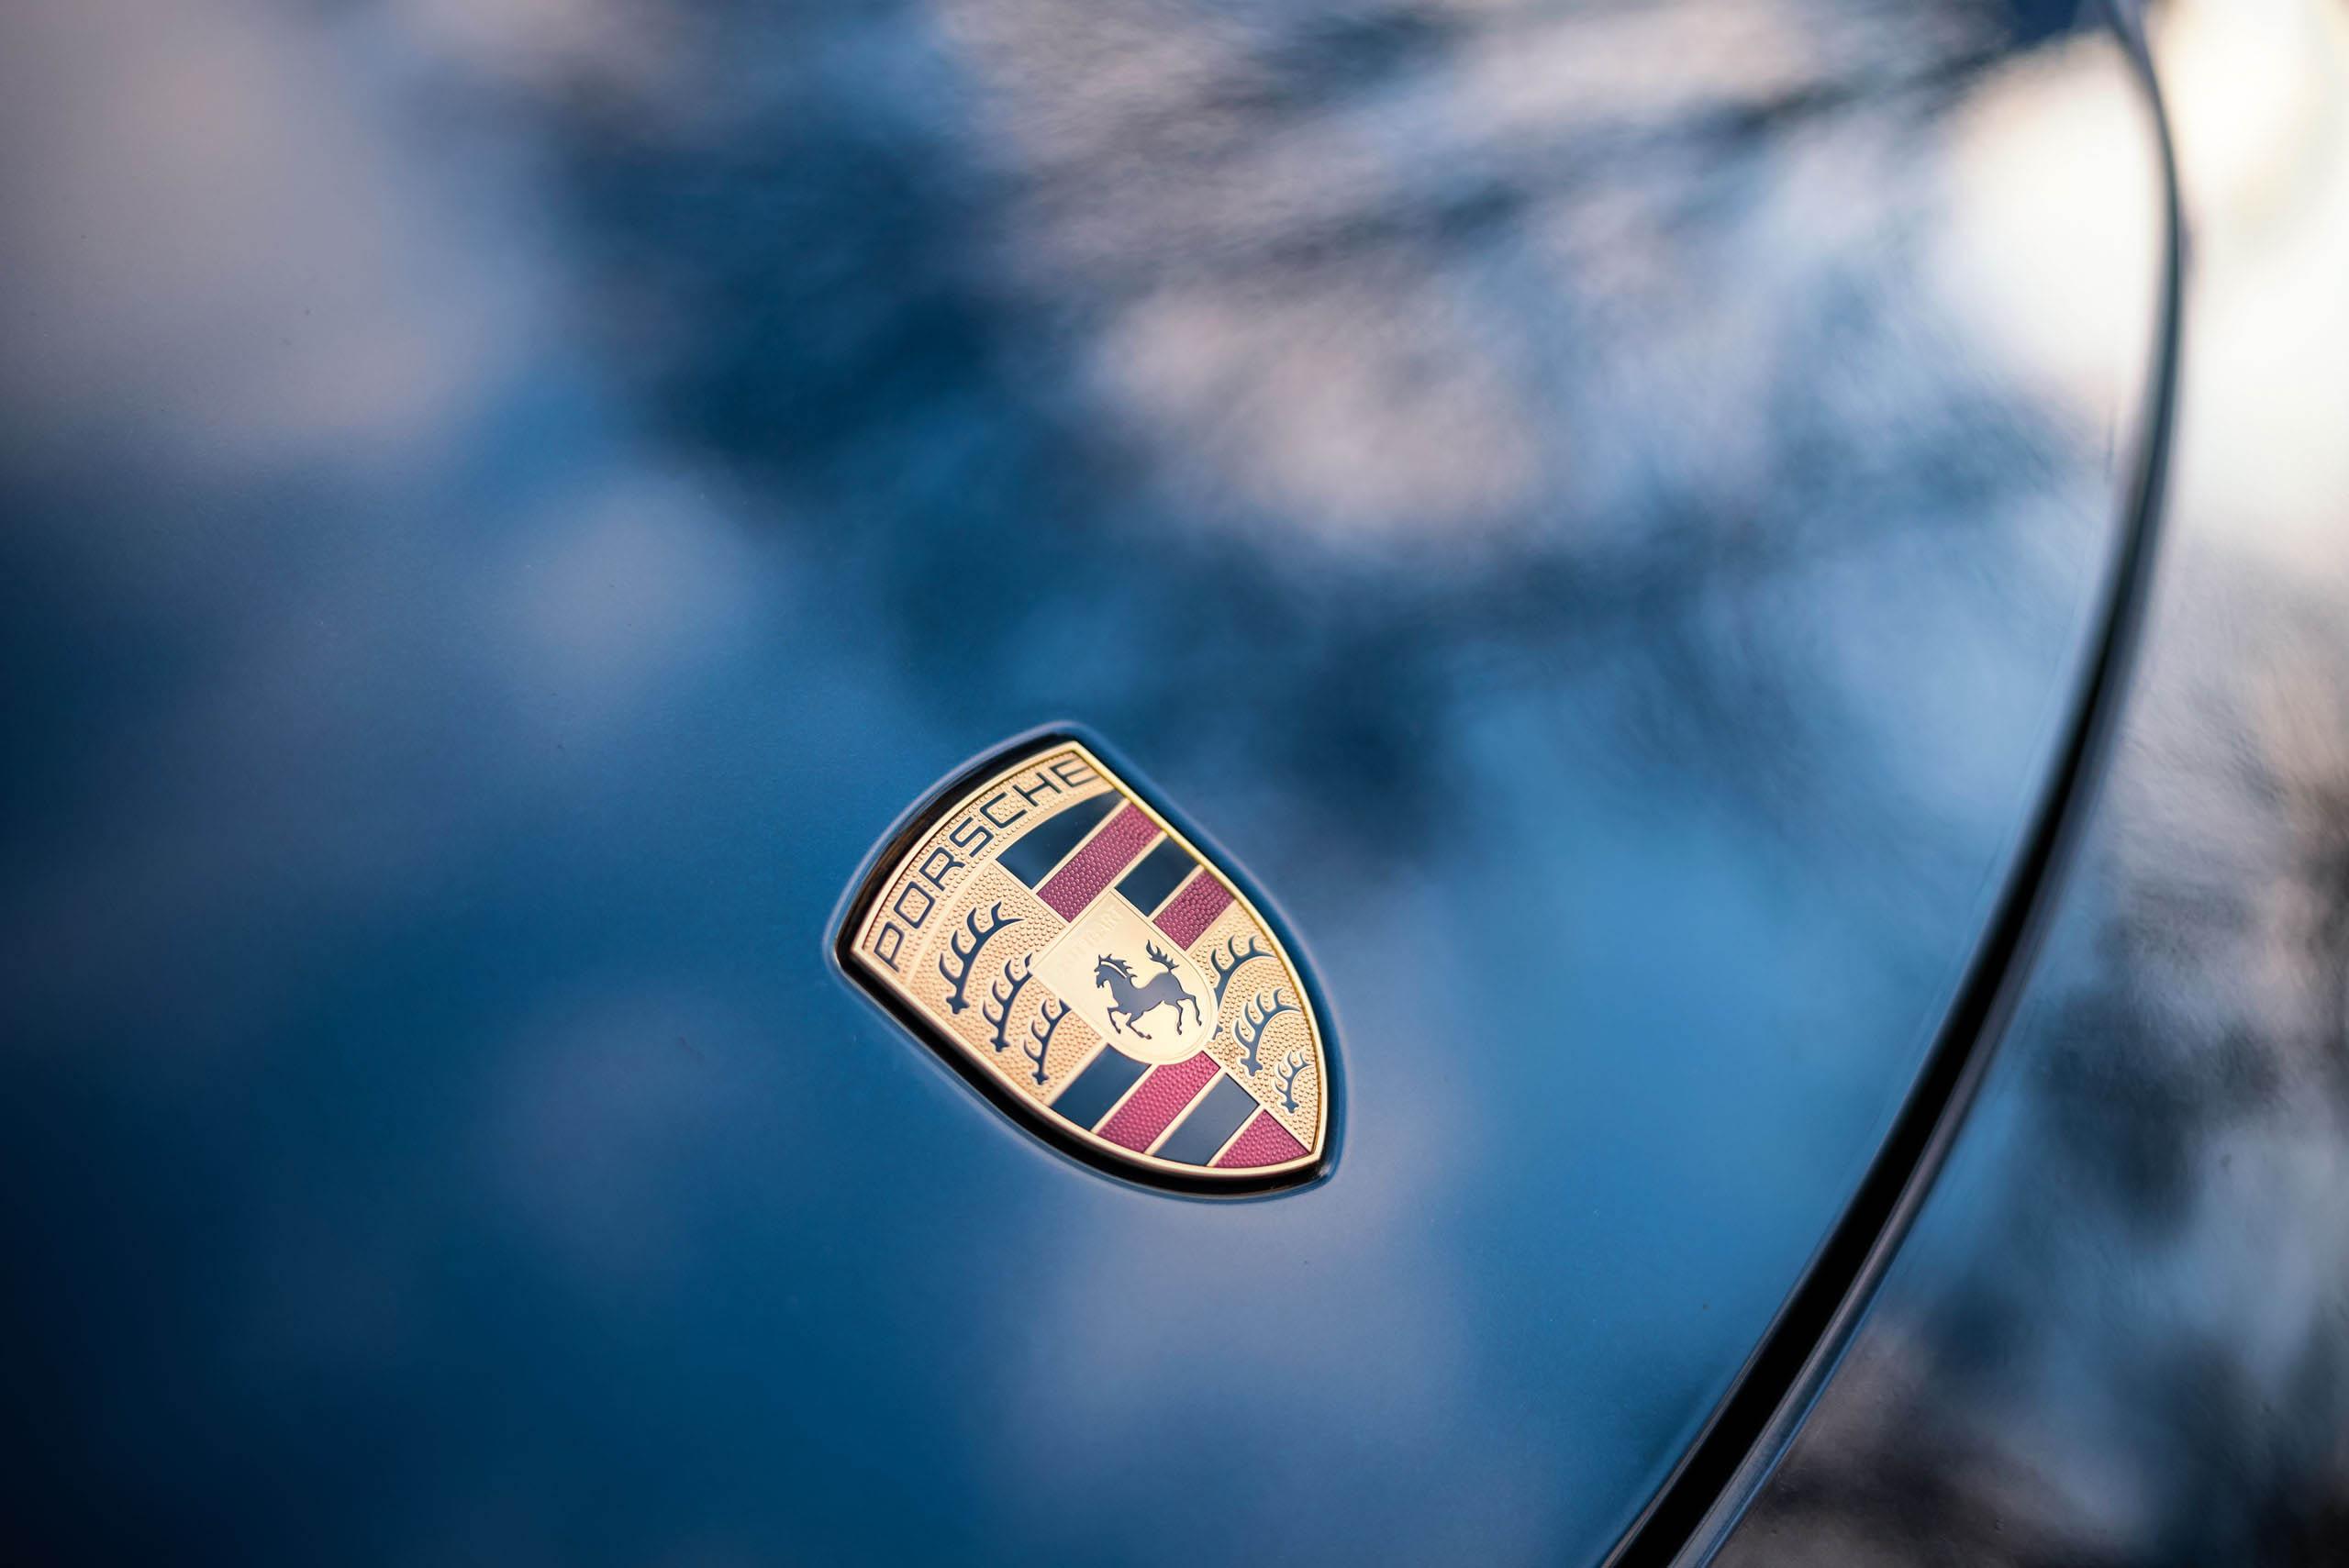 bk_sportwagen_rheinland_gmbh_Porsche_Boxster_blau_13